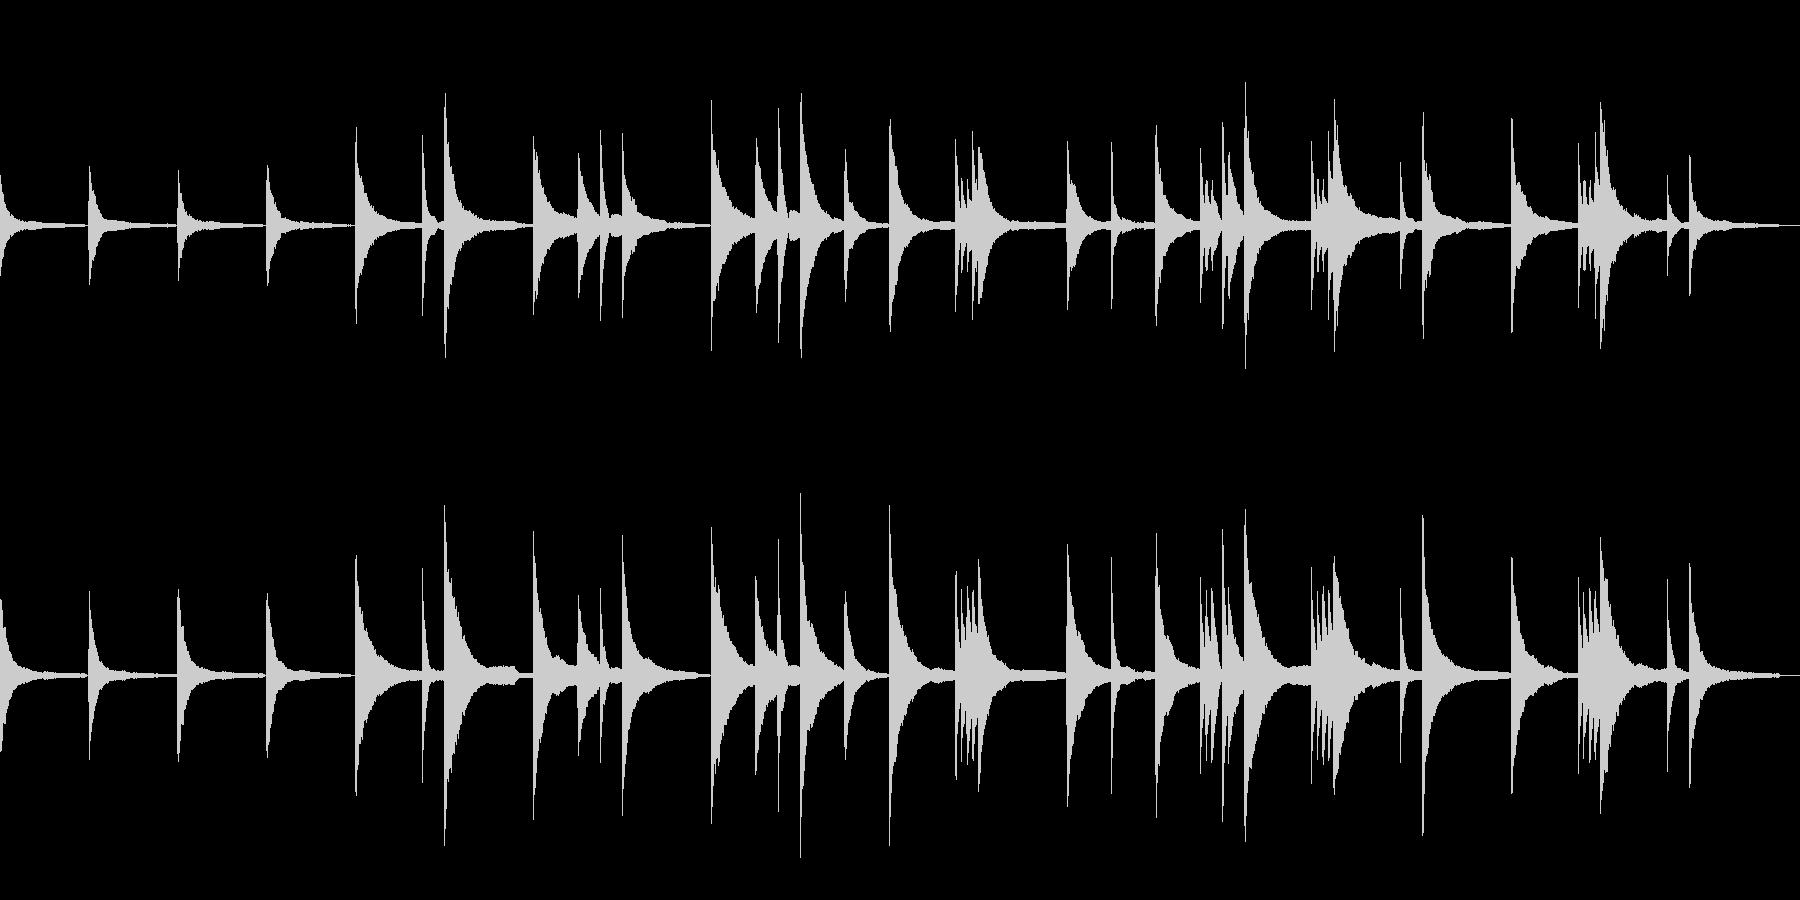 ピアノだけのシンプルな曲の未再生の波形